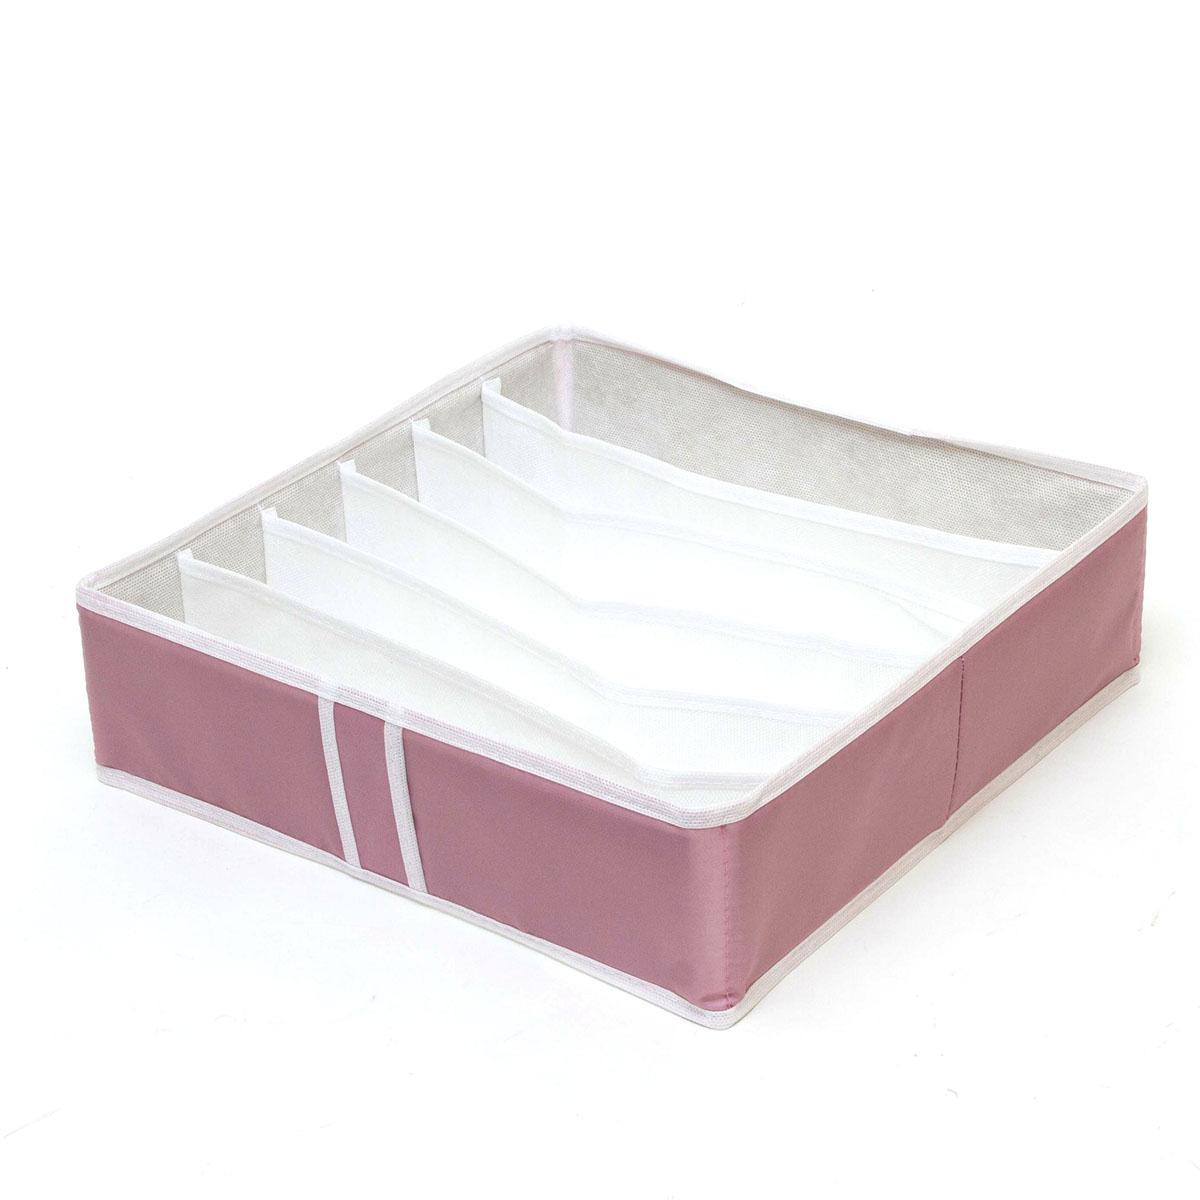 Органайзер для хранения Homsu Capri, 6 секций, 35 x 35 x 10 смHOM-34Компактный органайзер Homsu Capri изготовлен из высококачественного полиэстера, который обеспечивает естественную вентиляцию. Материал позволяет воздуху свободно проникать внутрь, но не пропускает пыль. Органайзер отлично держит форму, благодаря вставкам из плотного картона. Изделие имеет 6 секций для хранения носков, платков, галстуков и других вещей. Такой органайзер позволит вам хранить вещи компактно и удобно. Размер секции: 32 х 5 см.